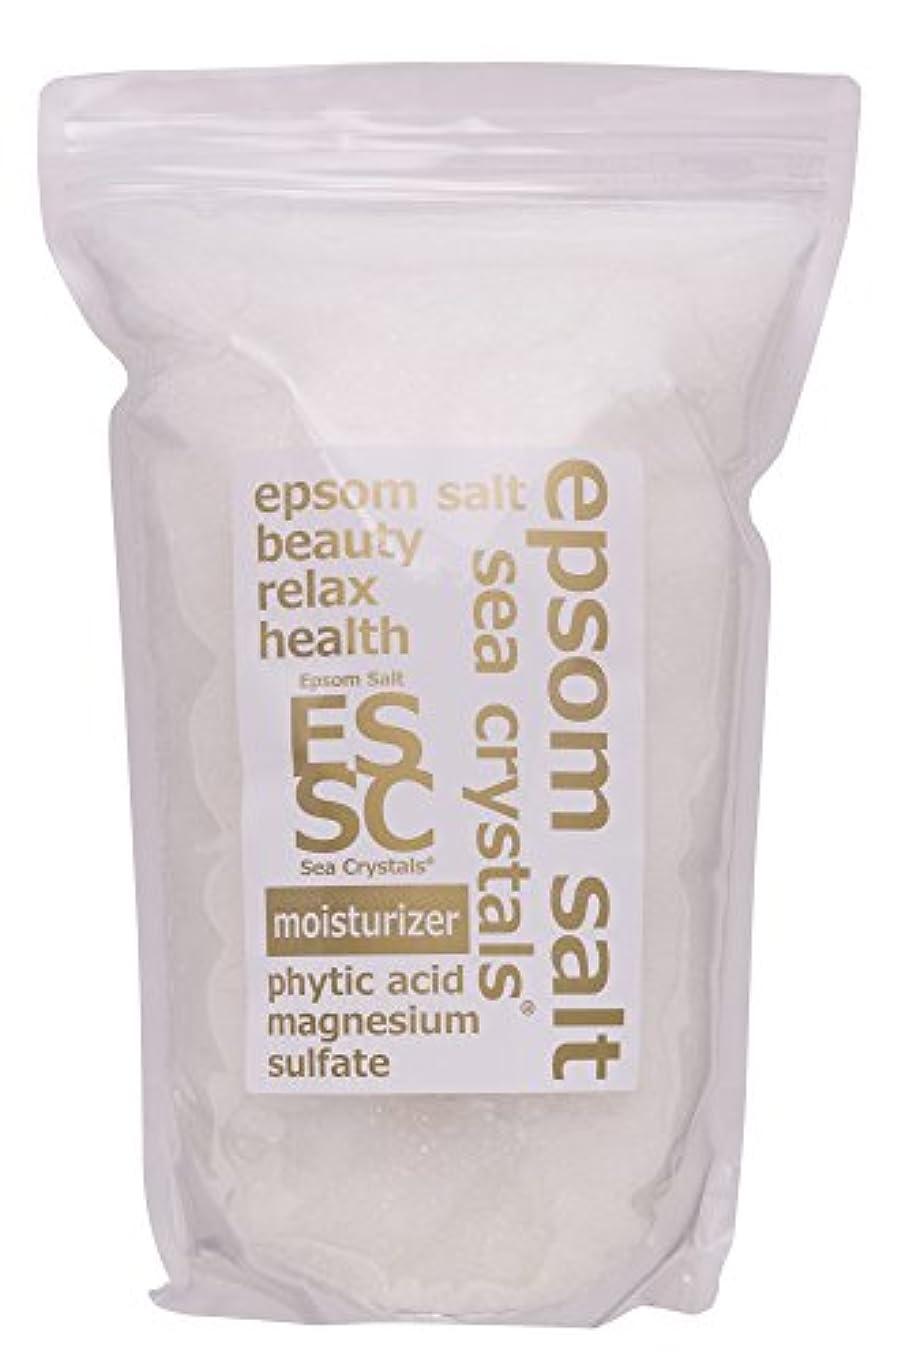 変換贈り物取り除くエプソムソルト モイスチャライザー 2.2kg 入浴剤 (浴用化粧品)フィチン酸配合 シークリスタルス 計量スプーン付